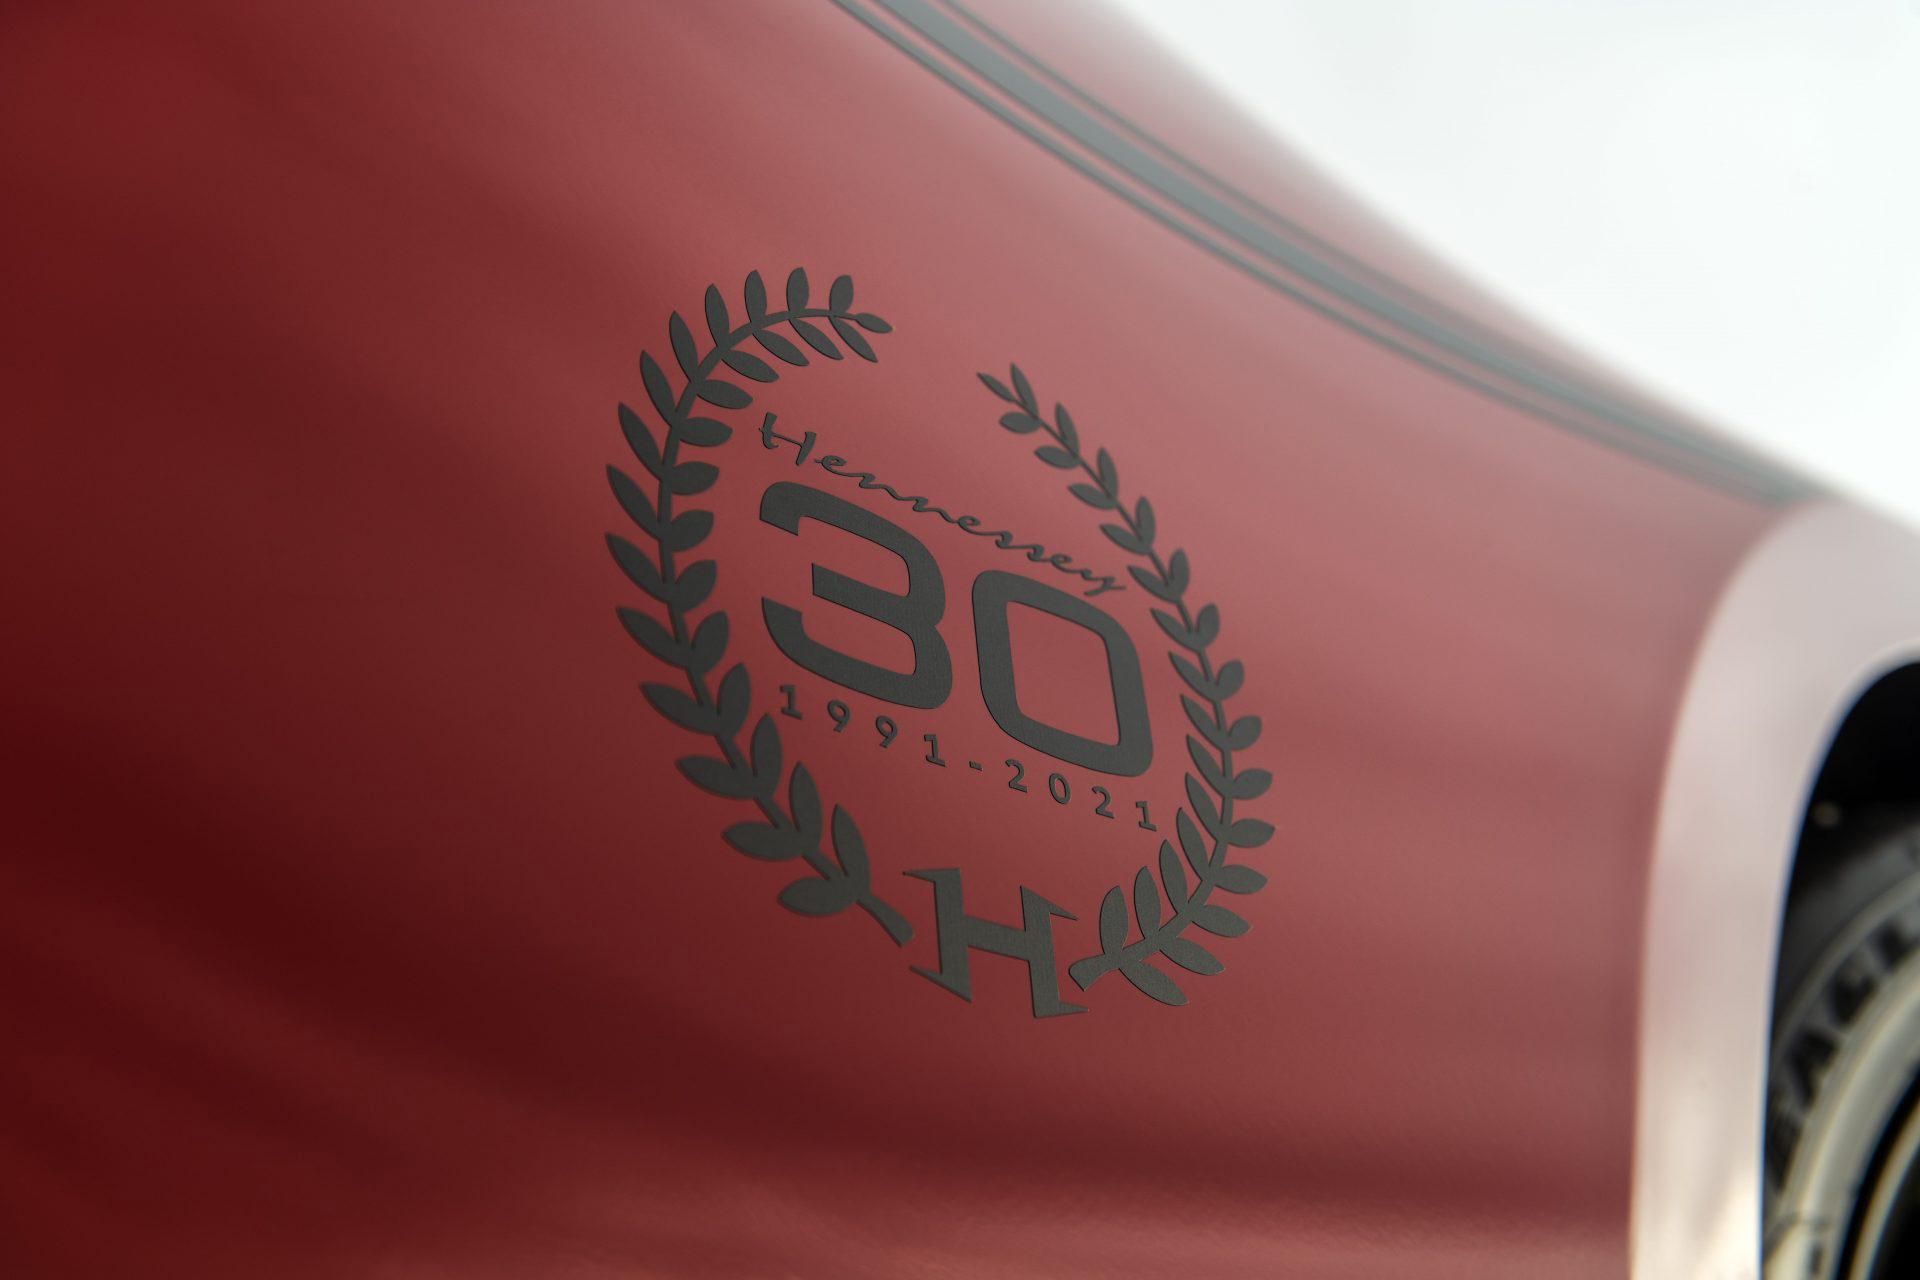 Detalhe do logo comemorativo no Chevrolet Camaro Exorcist vermelho